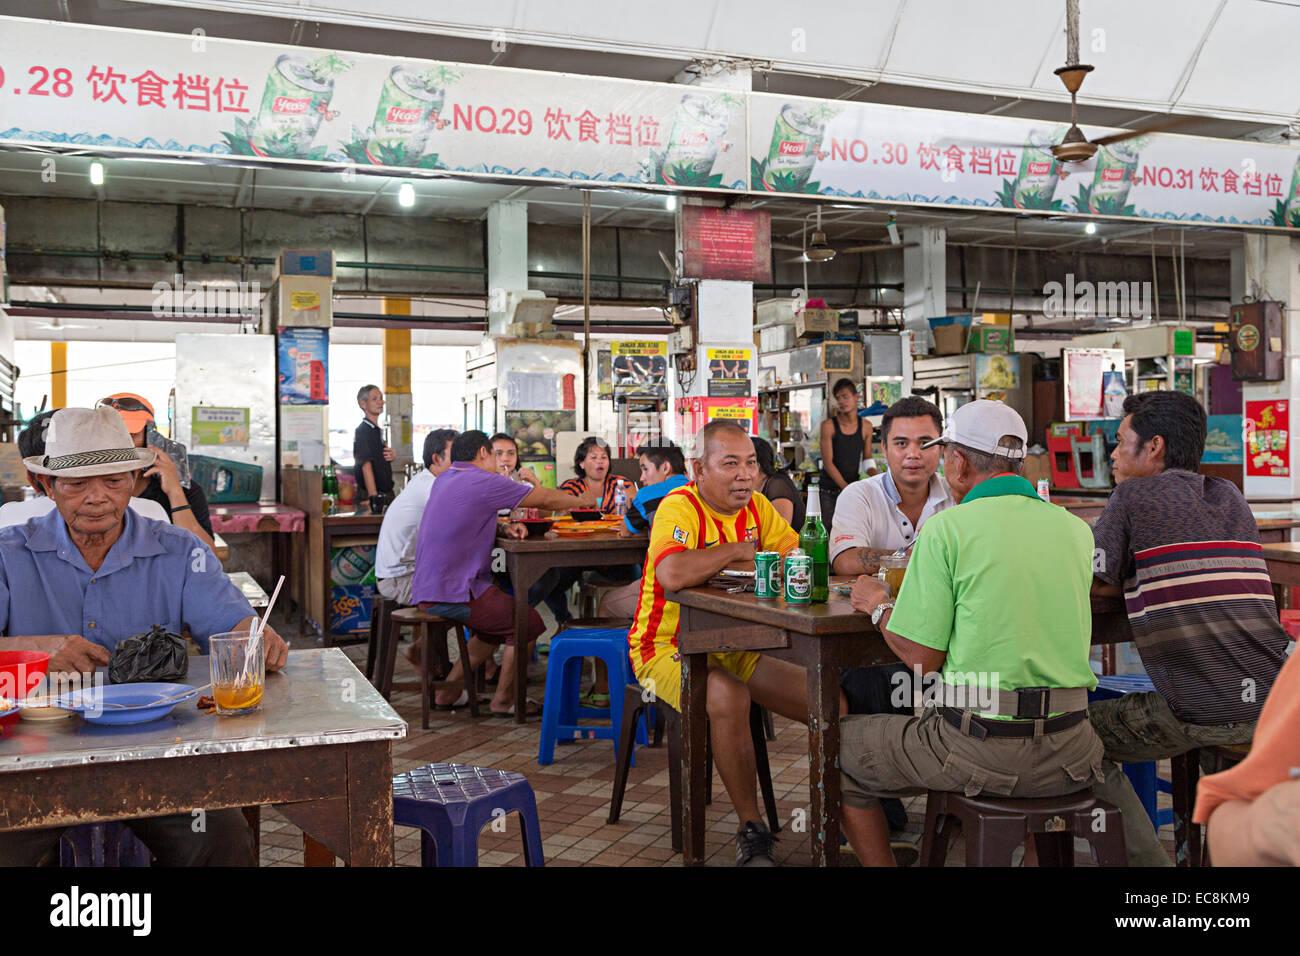 Cafe, Miri, Malaysia - Stock Image